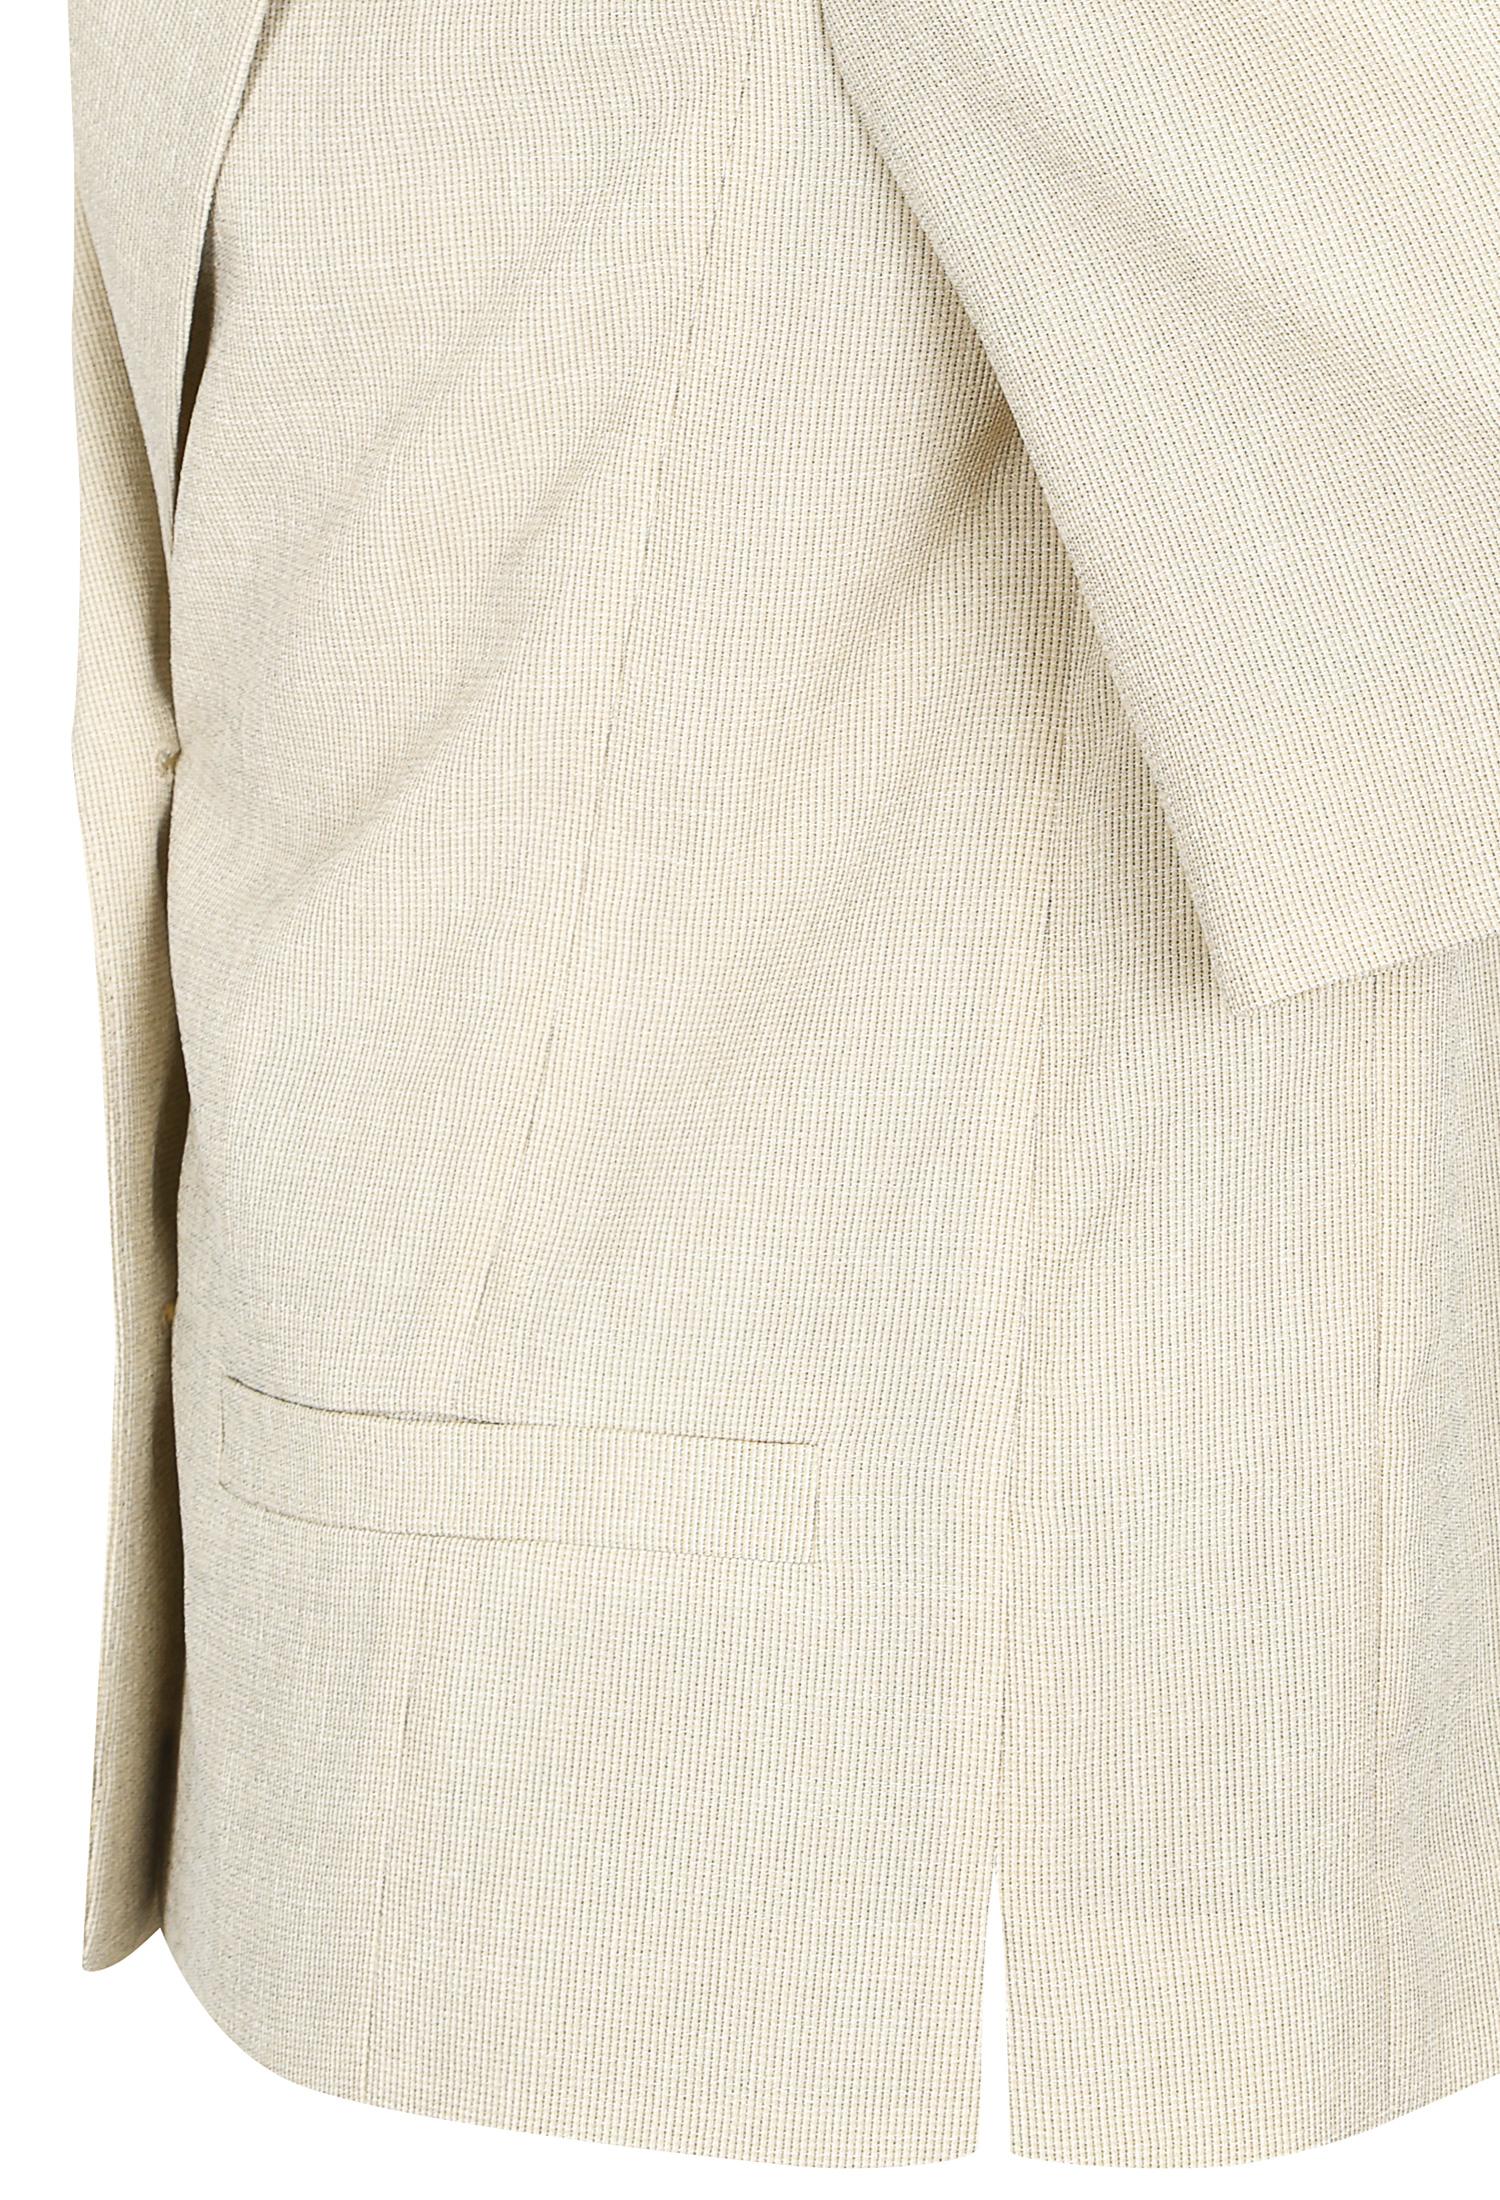 잔체크 하프 슬리브 자켓 (LIGHT/BEIGE)